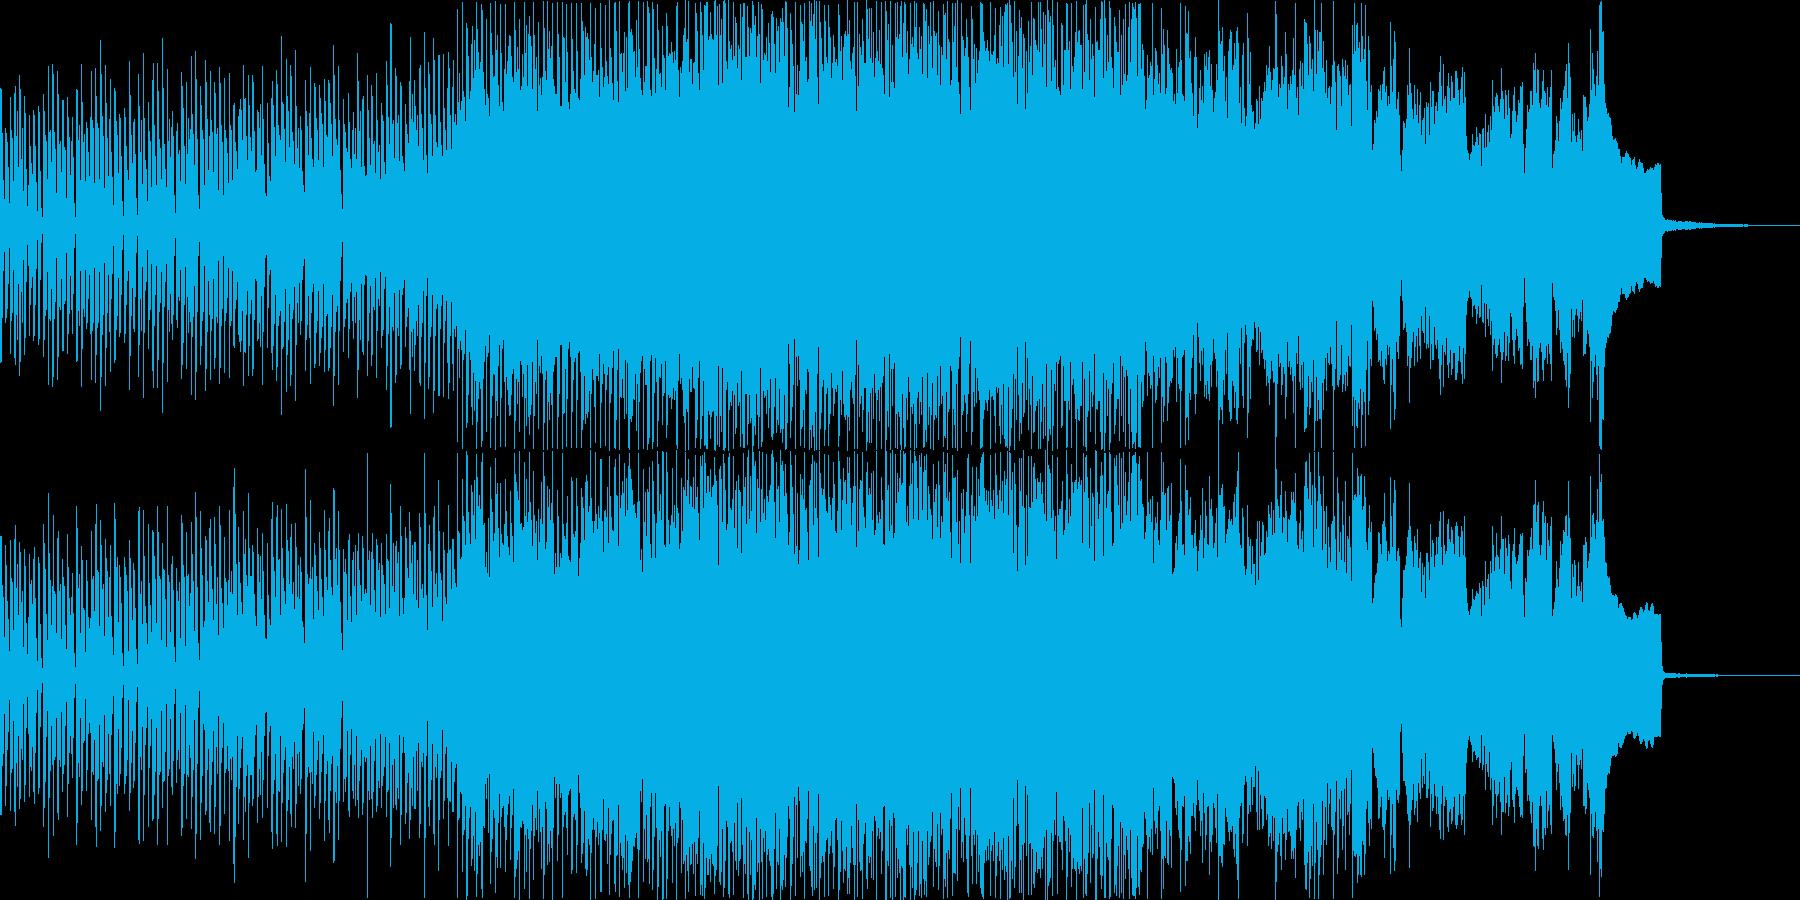 スウィートでカラフルなシンセポップソングの再生済みの波形